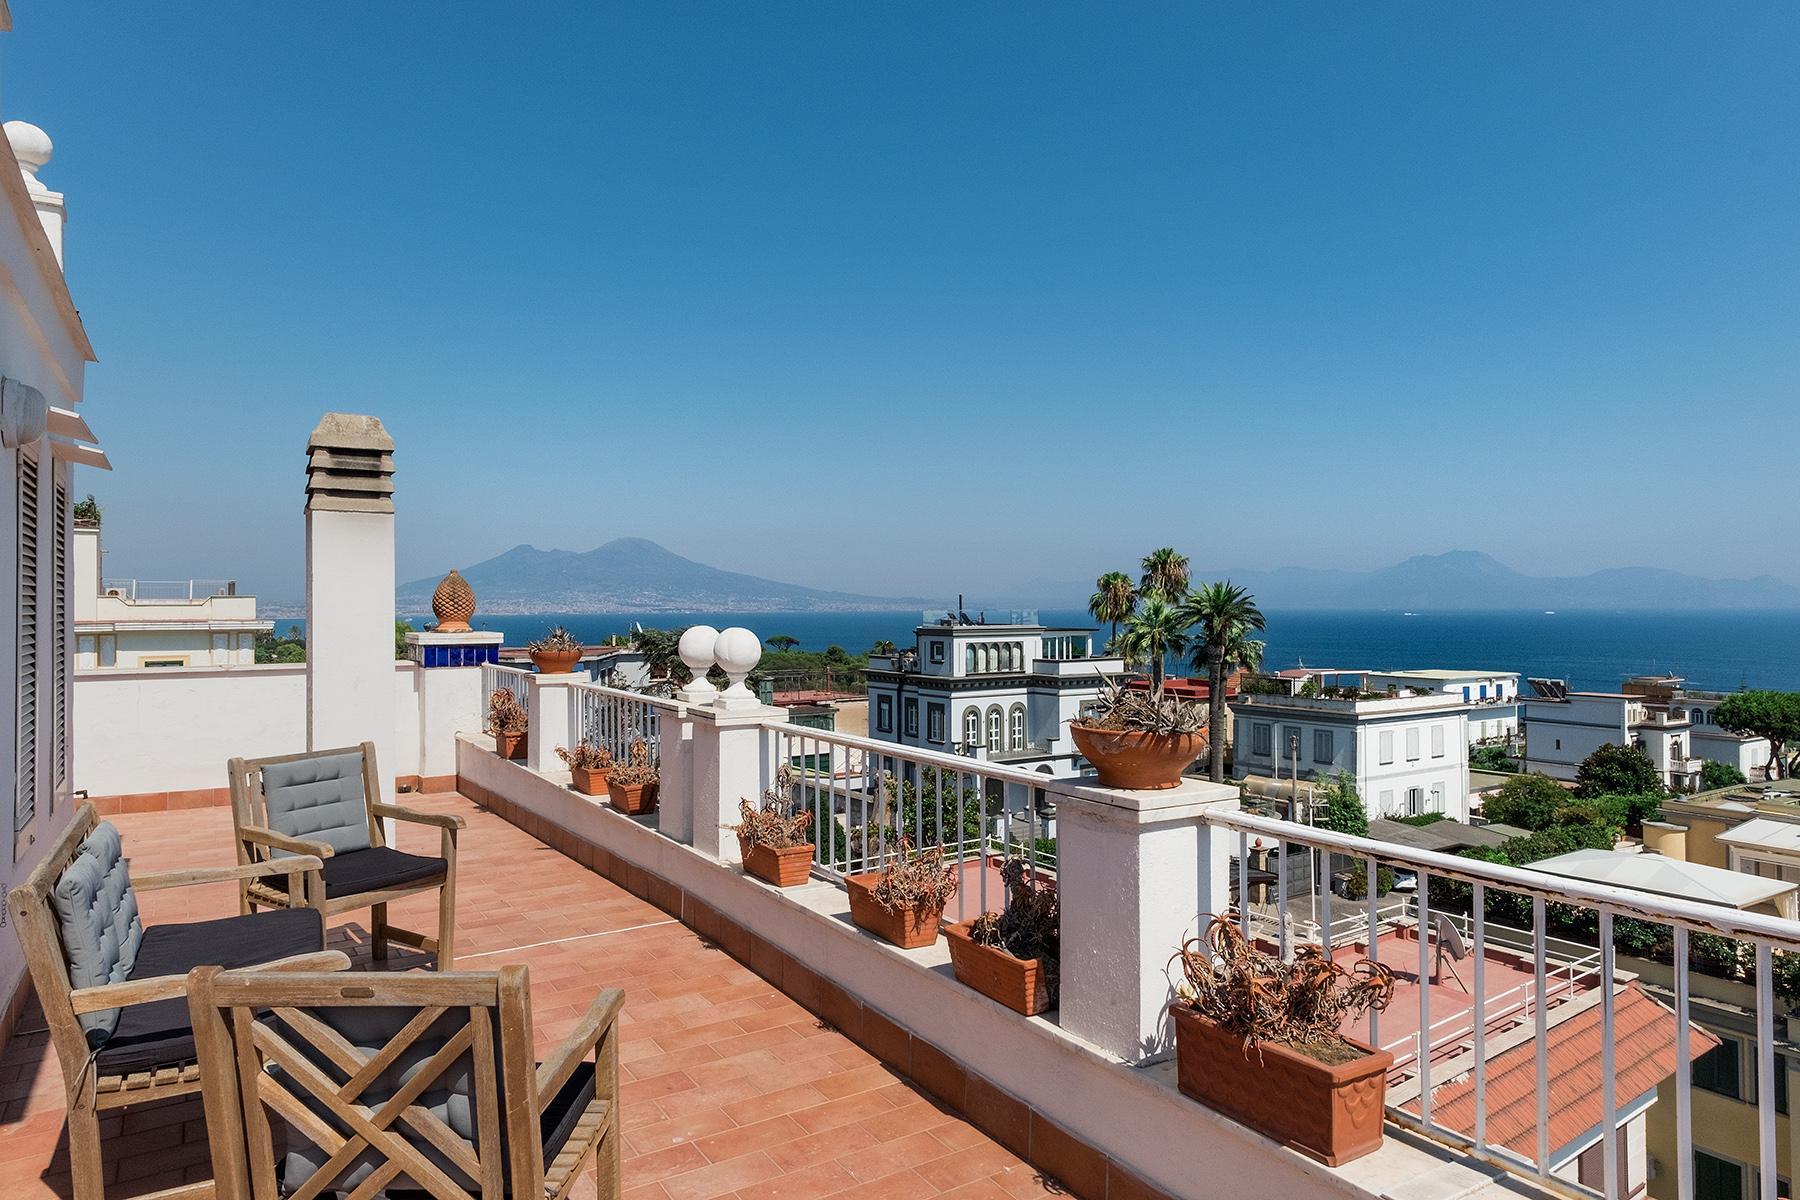 Wunderschönes Anwesen zwischen Himmel und Meer mit Blick auf Neapel - 1